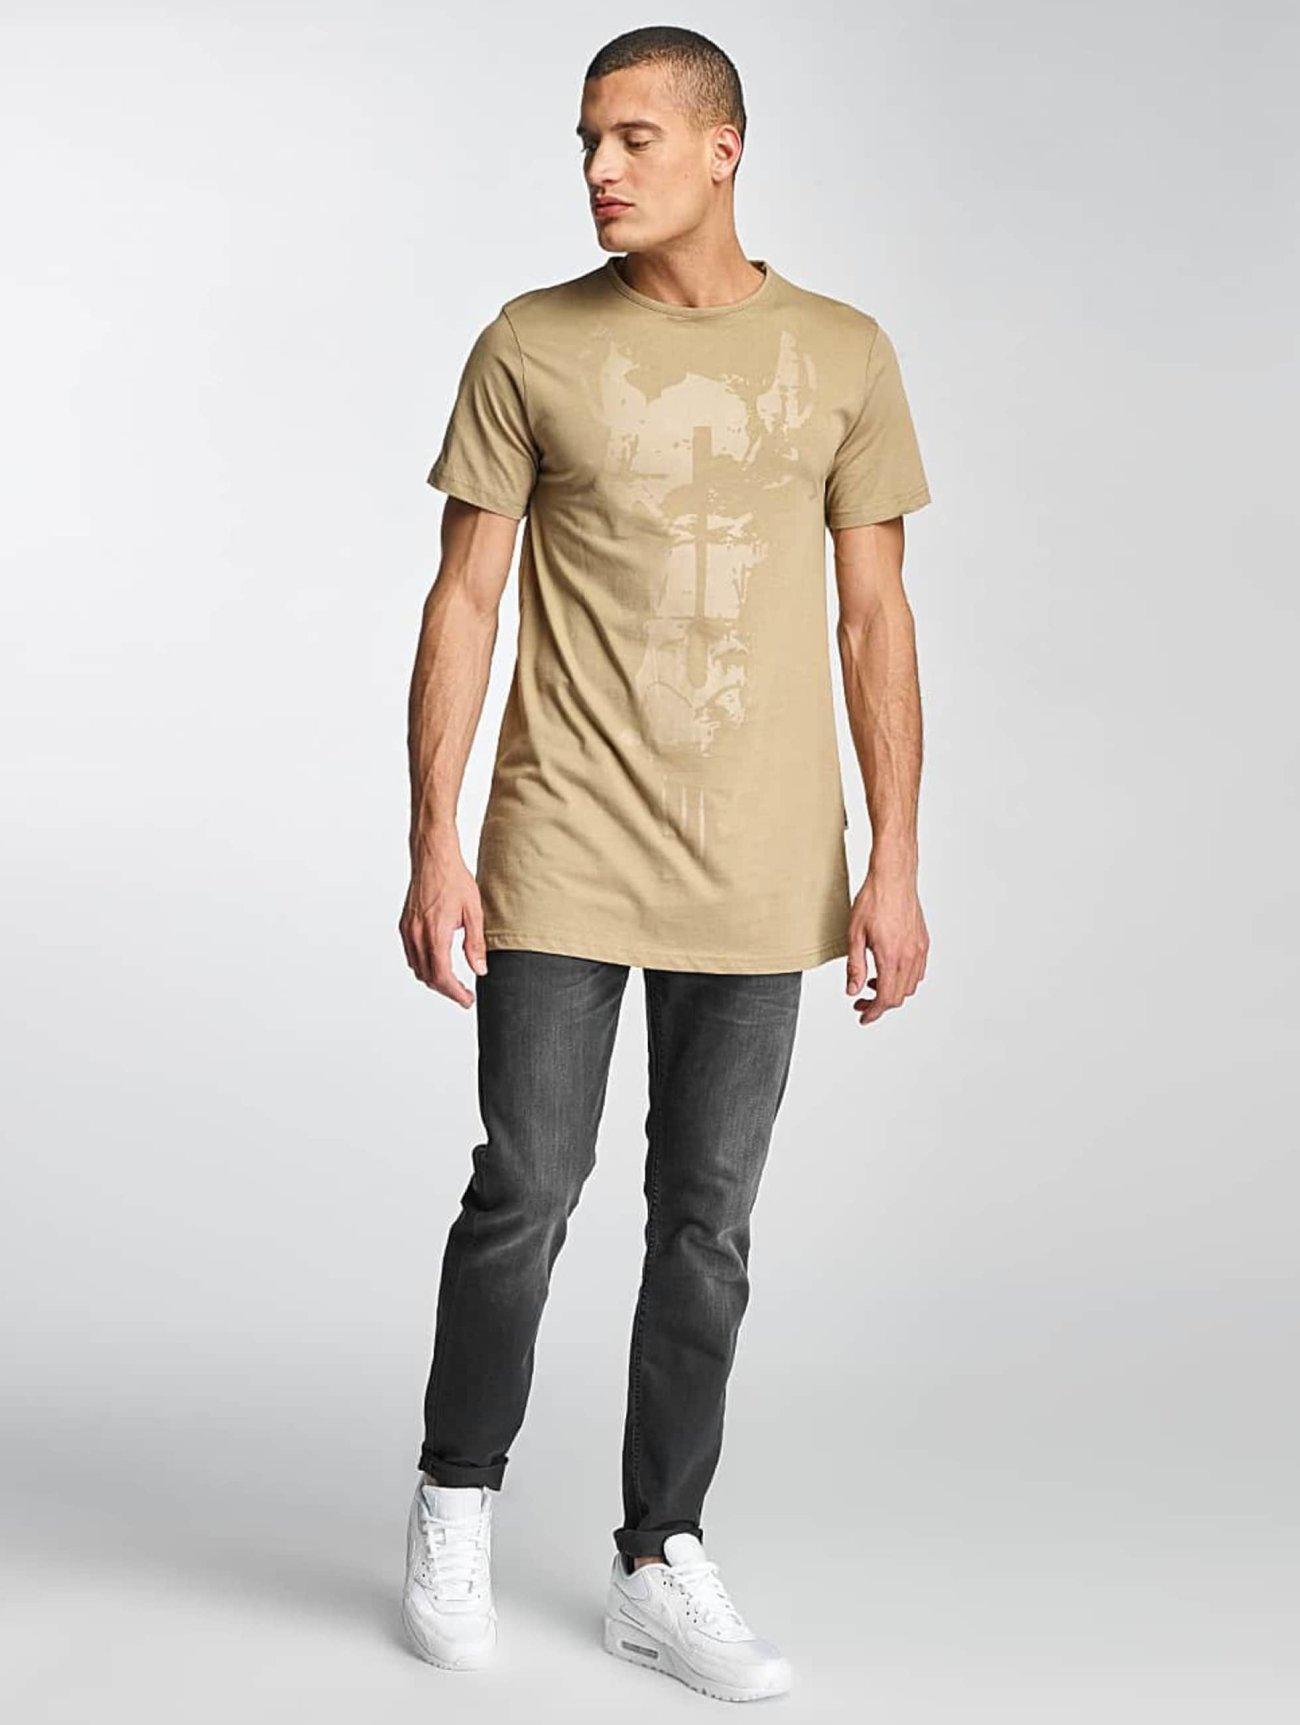 De Ferro | Streets   beige Homme T-Shirt  331662| Homme Hauts